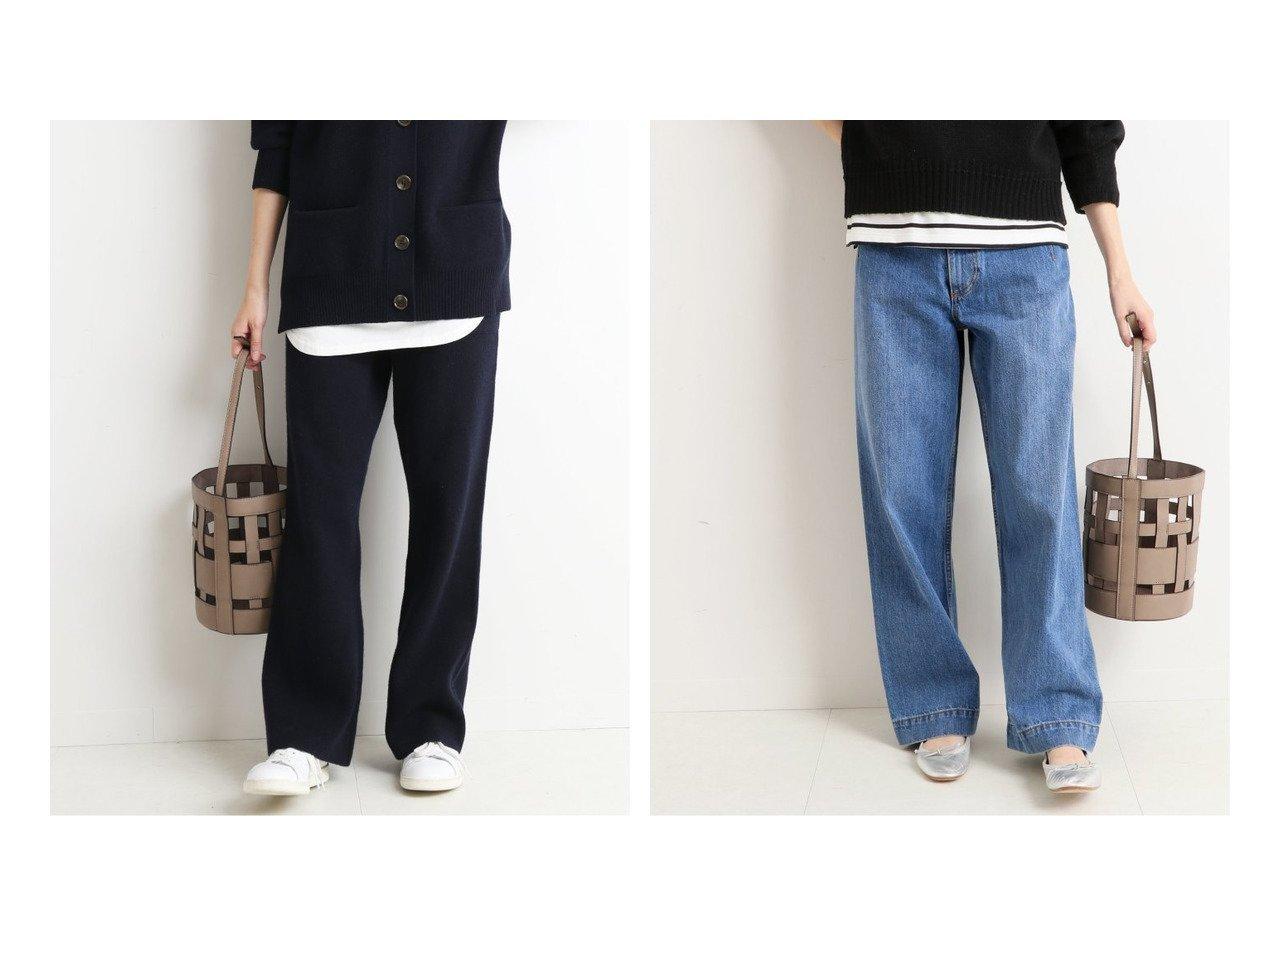 【SLOBE IENA/スローブ イエナ】のEyreスムースニットパンツ&《追加2》LE DENIM バギーパンツ パンツのおすすめ!人気、トレンド・レディースファッションの通販 おすすめで人気の流行・トレンド、ファッションの通販商品 メンズファッション・キッズファッション・インテリア・家具・レディースファッション・服の通販 founy(ファニー) https://founy.com/ ファッション Fashion レディースファッション WOMEN パンツ Pants 2020年 2020 2020-2021 秋冬 A/W AW Autumn/Winter / FW Fall-Winter 2020-2021 A/W 秋冬 AW Autumn/Winter / FW Fall-Winter インディゴ デニム ルーズ 再入荷 Restock/Back in Stock/Re Arrival イタリア リラックス 防寒 |ID:crp329100000012865